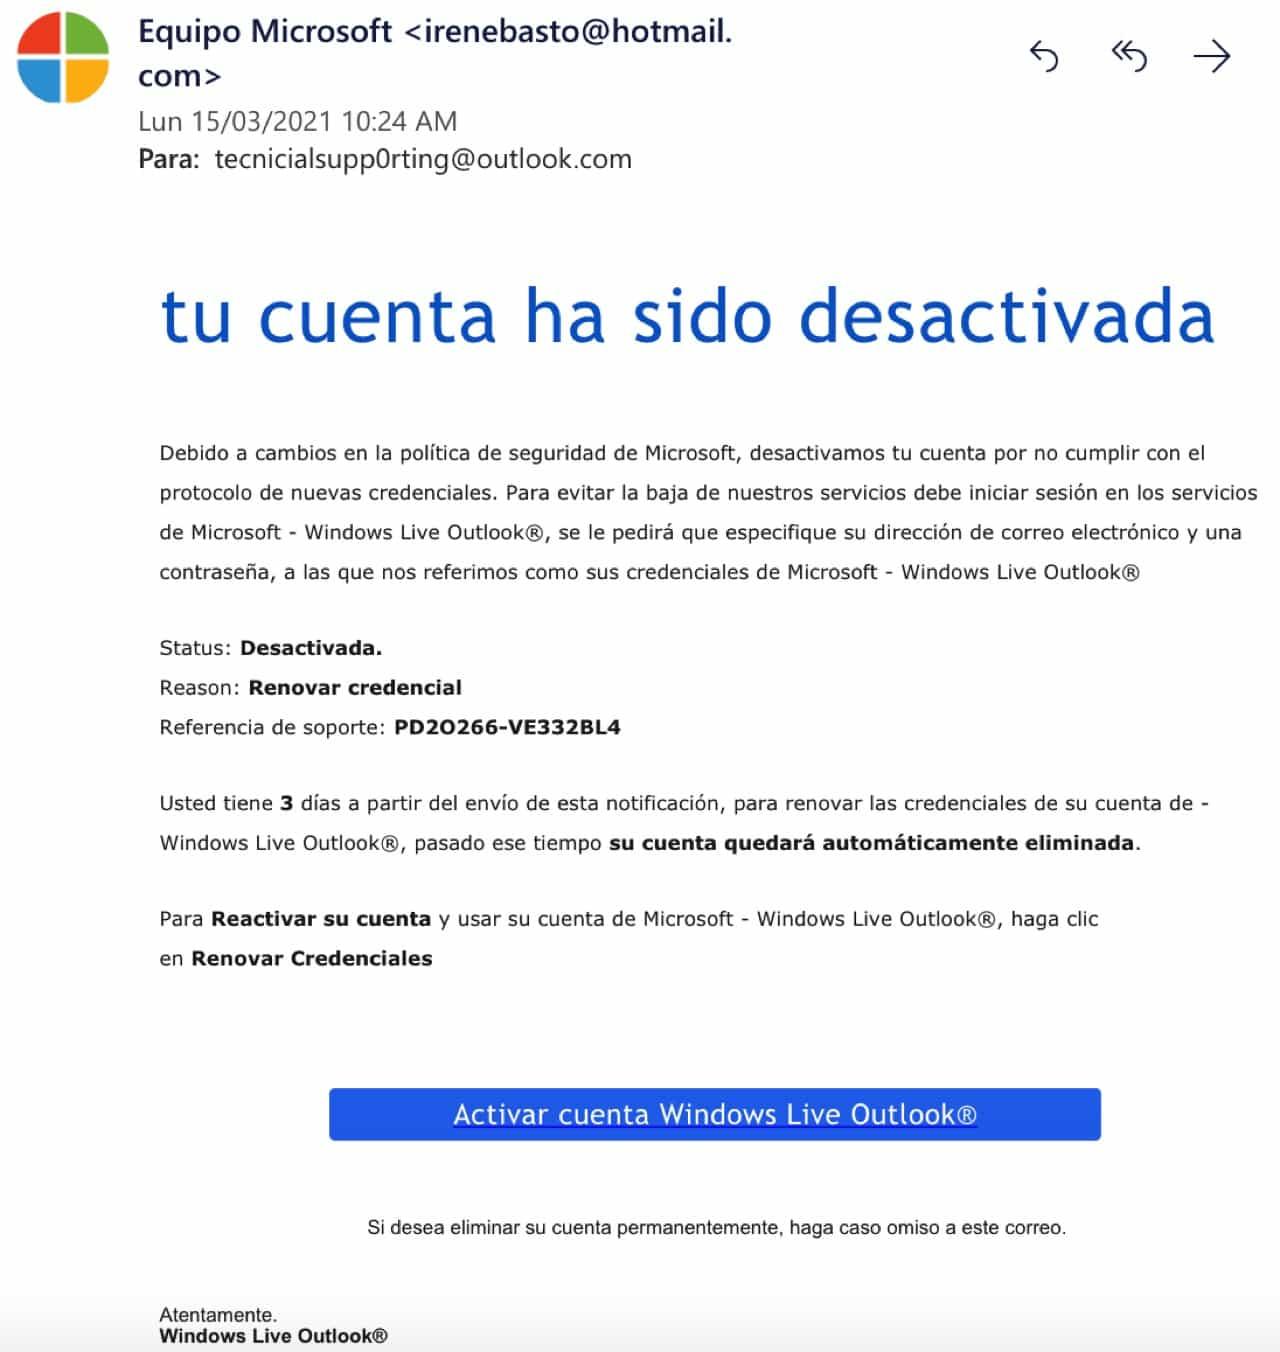 ¿Ha sido víctima del Phishing, sabe qué es y cómo se puede evitar? - Javier Sneider Bautista - #Columnista7días 2